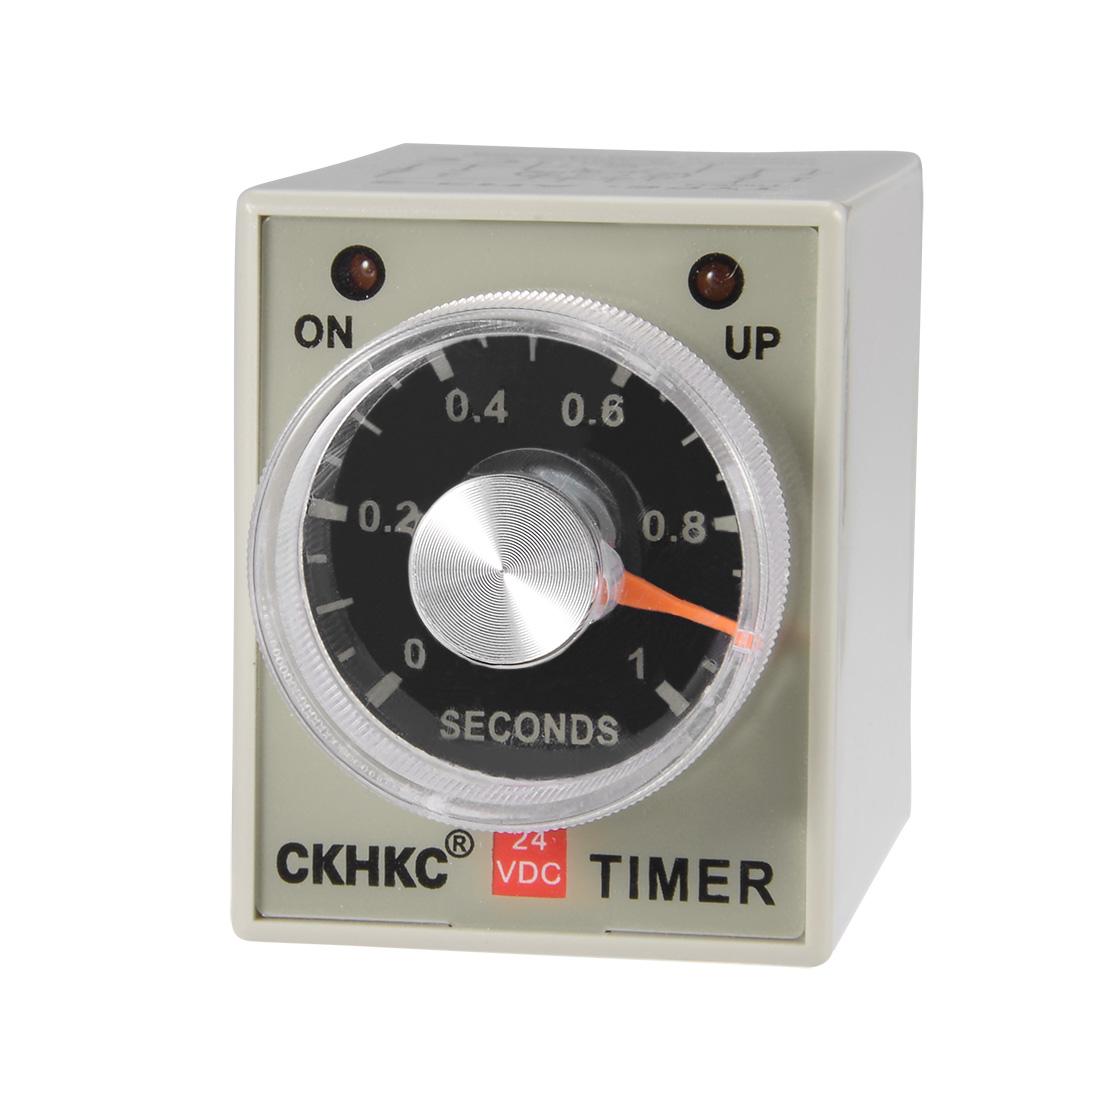 DC24V 1S 8 Terminals Range Adjustable Delay Timer Time Relay AH3-2